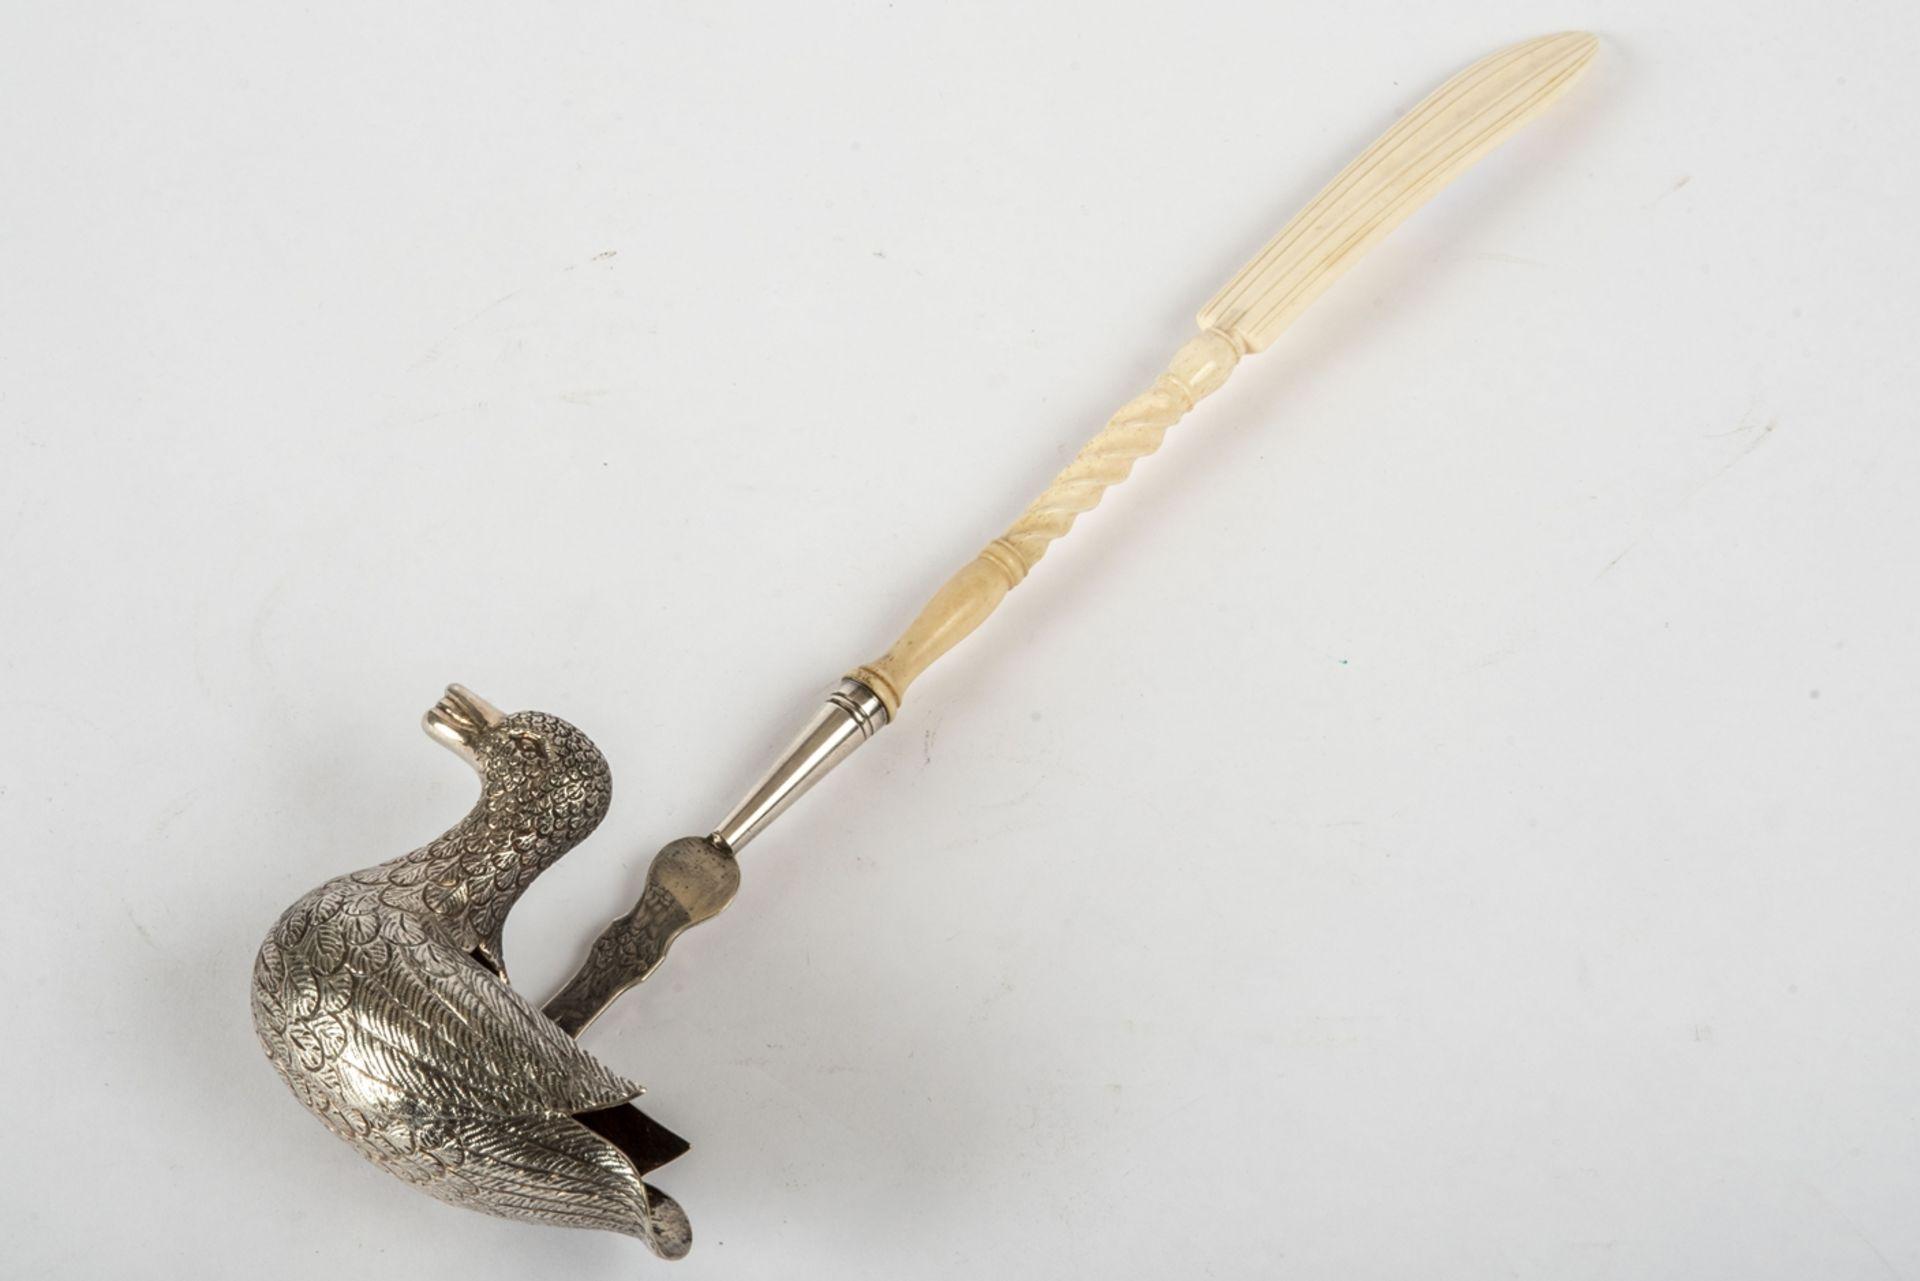 Punschkelle in Form einer Ente um 1900